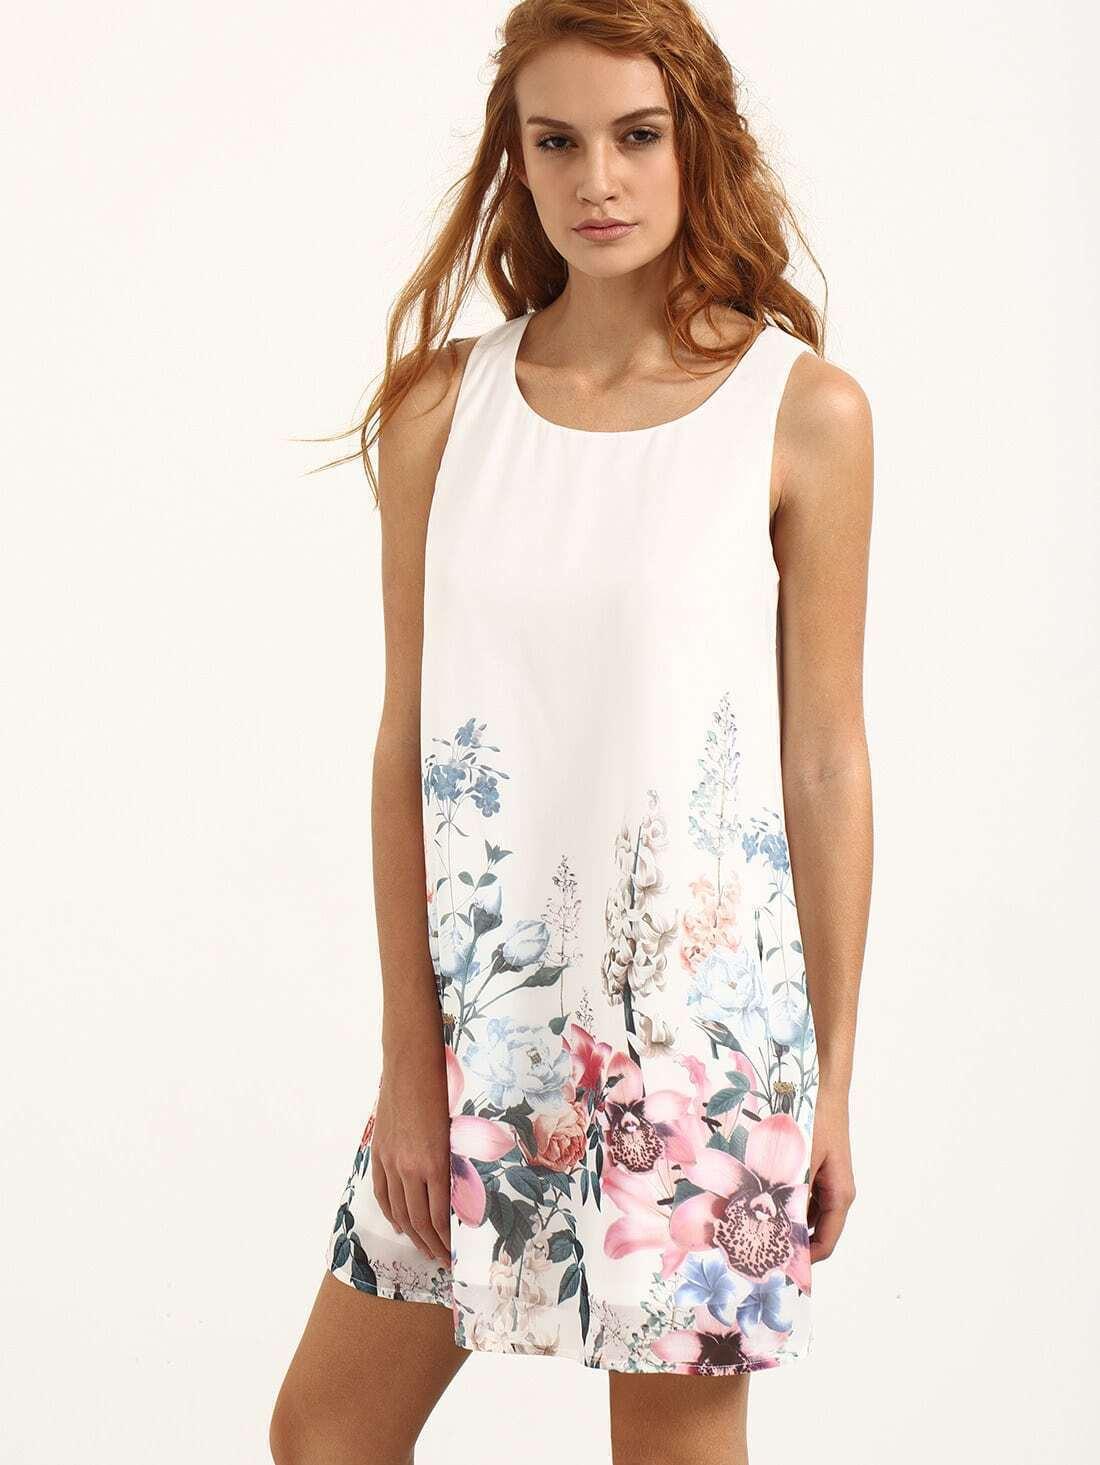 مدل لباس مجلسی با پارچه گلدار